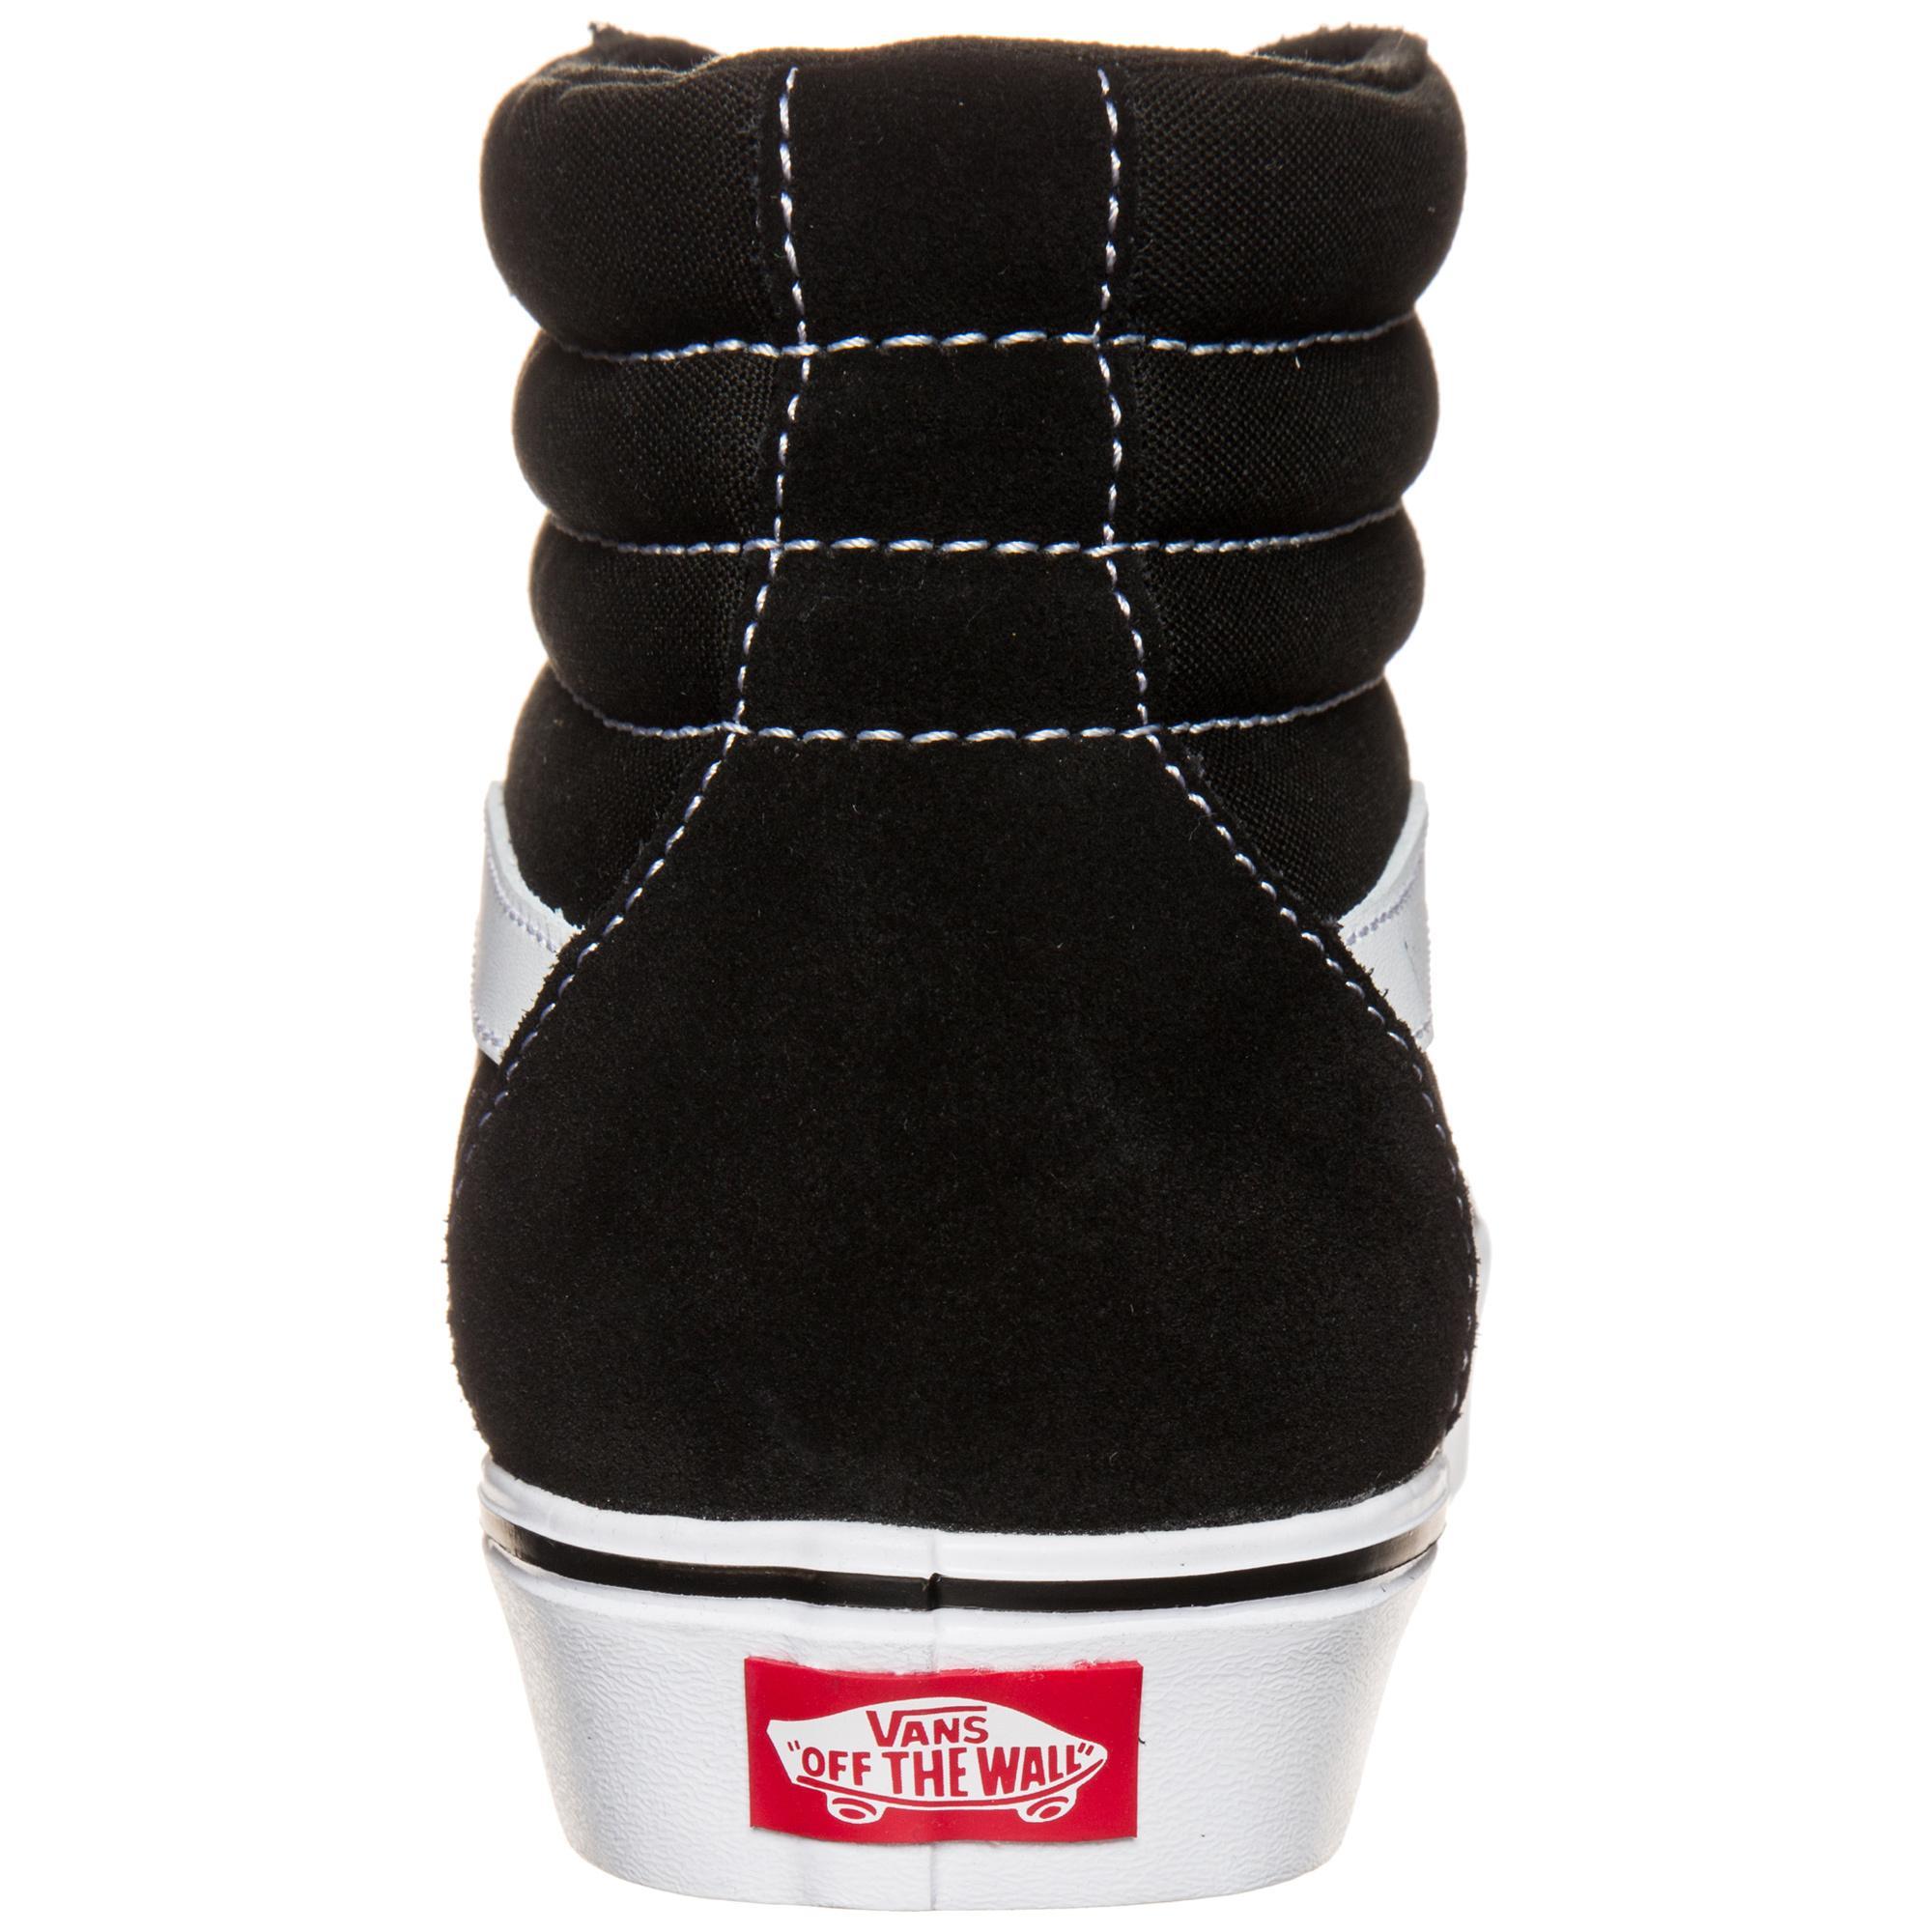 Vans Sk8-Hi Lite Sneaker schwarz / weiß SportScheck im Online Shop von SportScheck weiß kaufen Gute Qualität beliebte Schuhe 3867f2